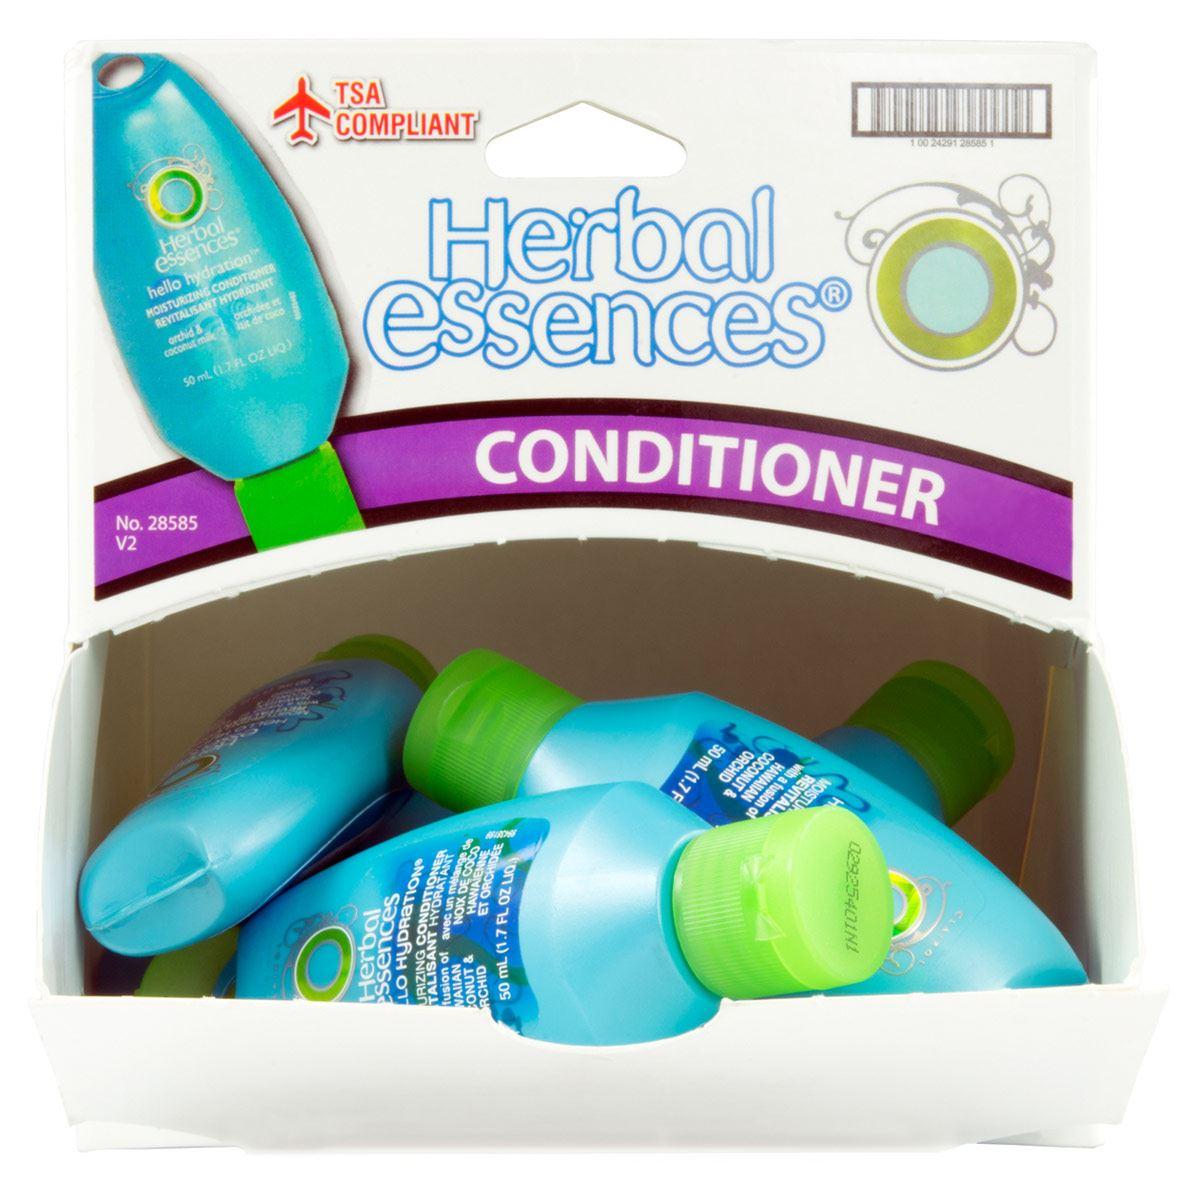 Acondicionador Revitalizante e Hidratante Herbal Essences